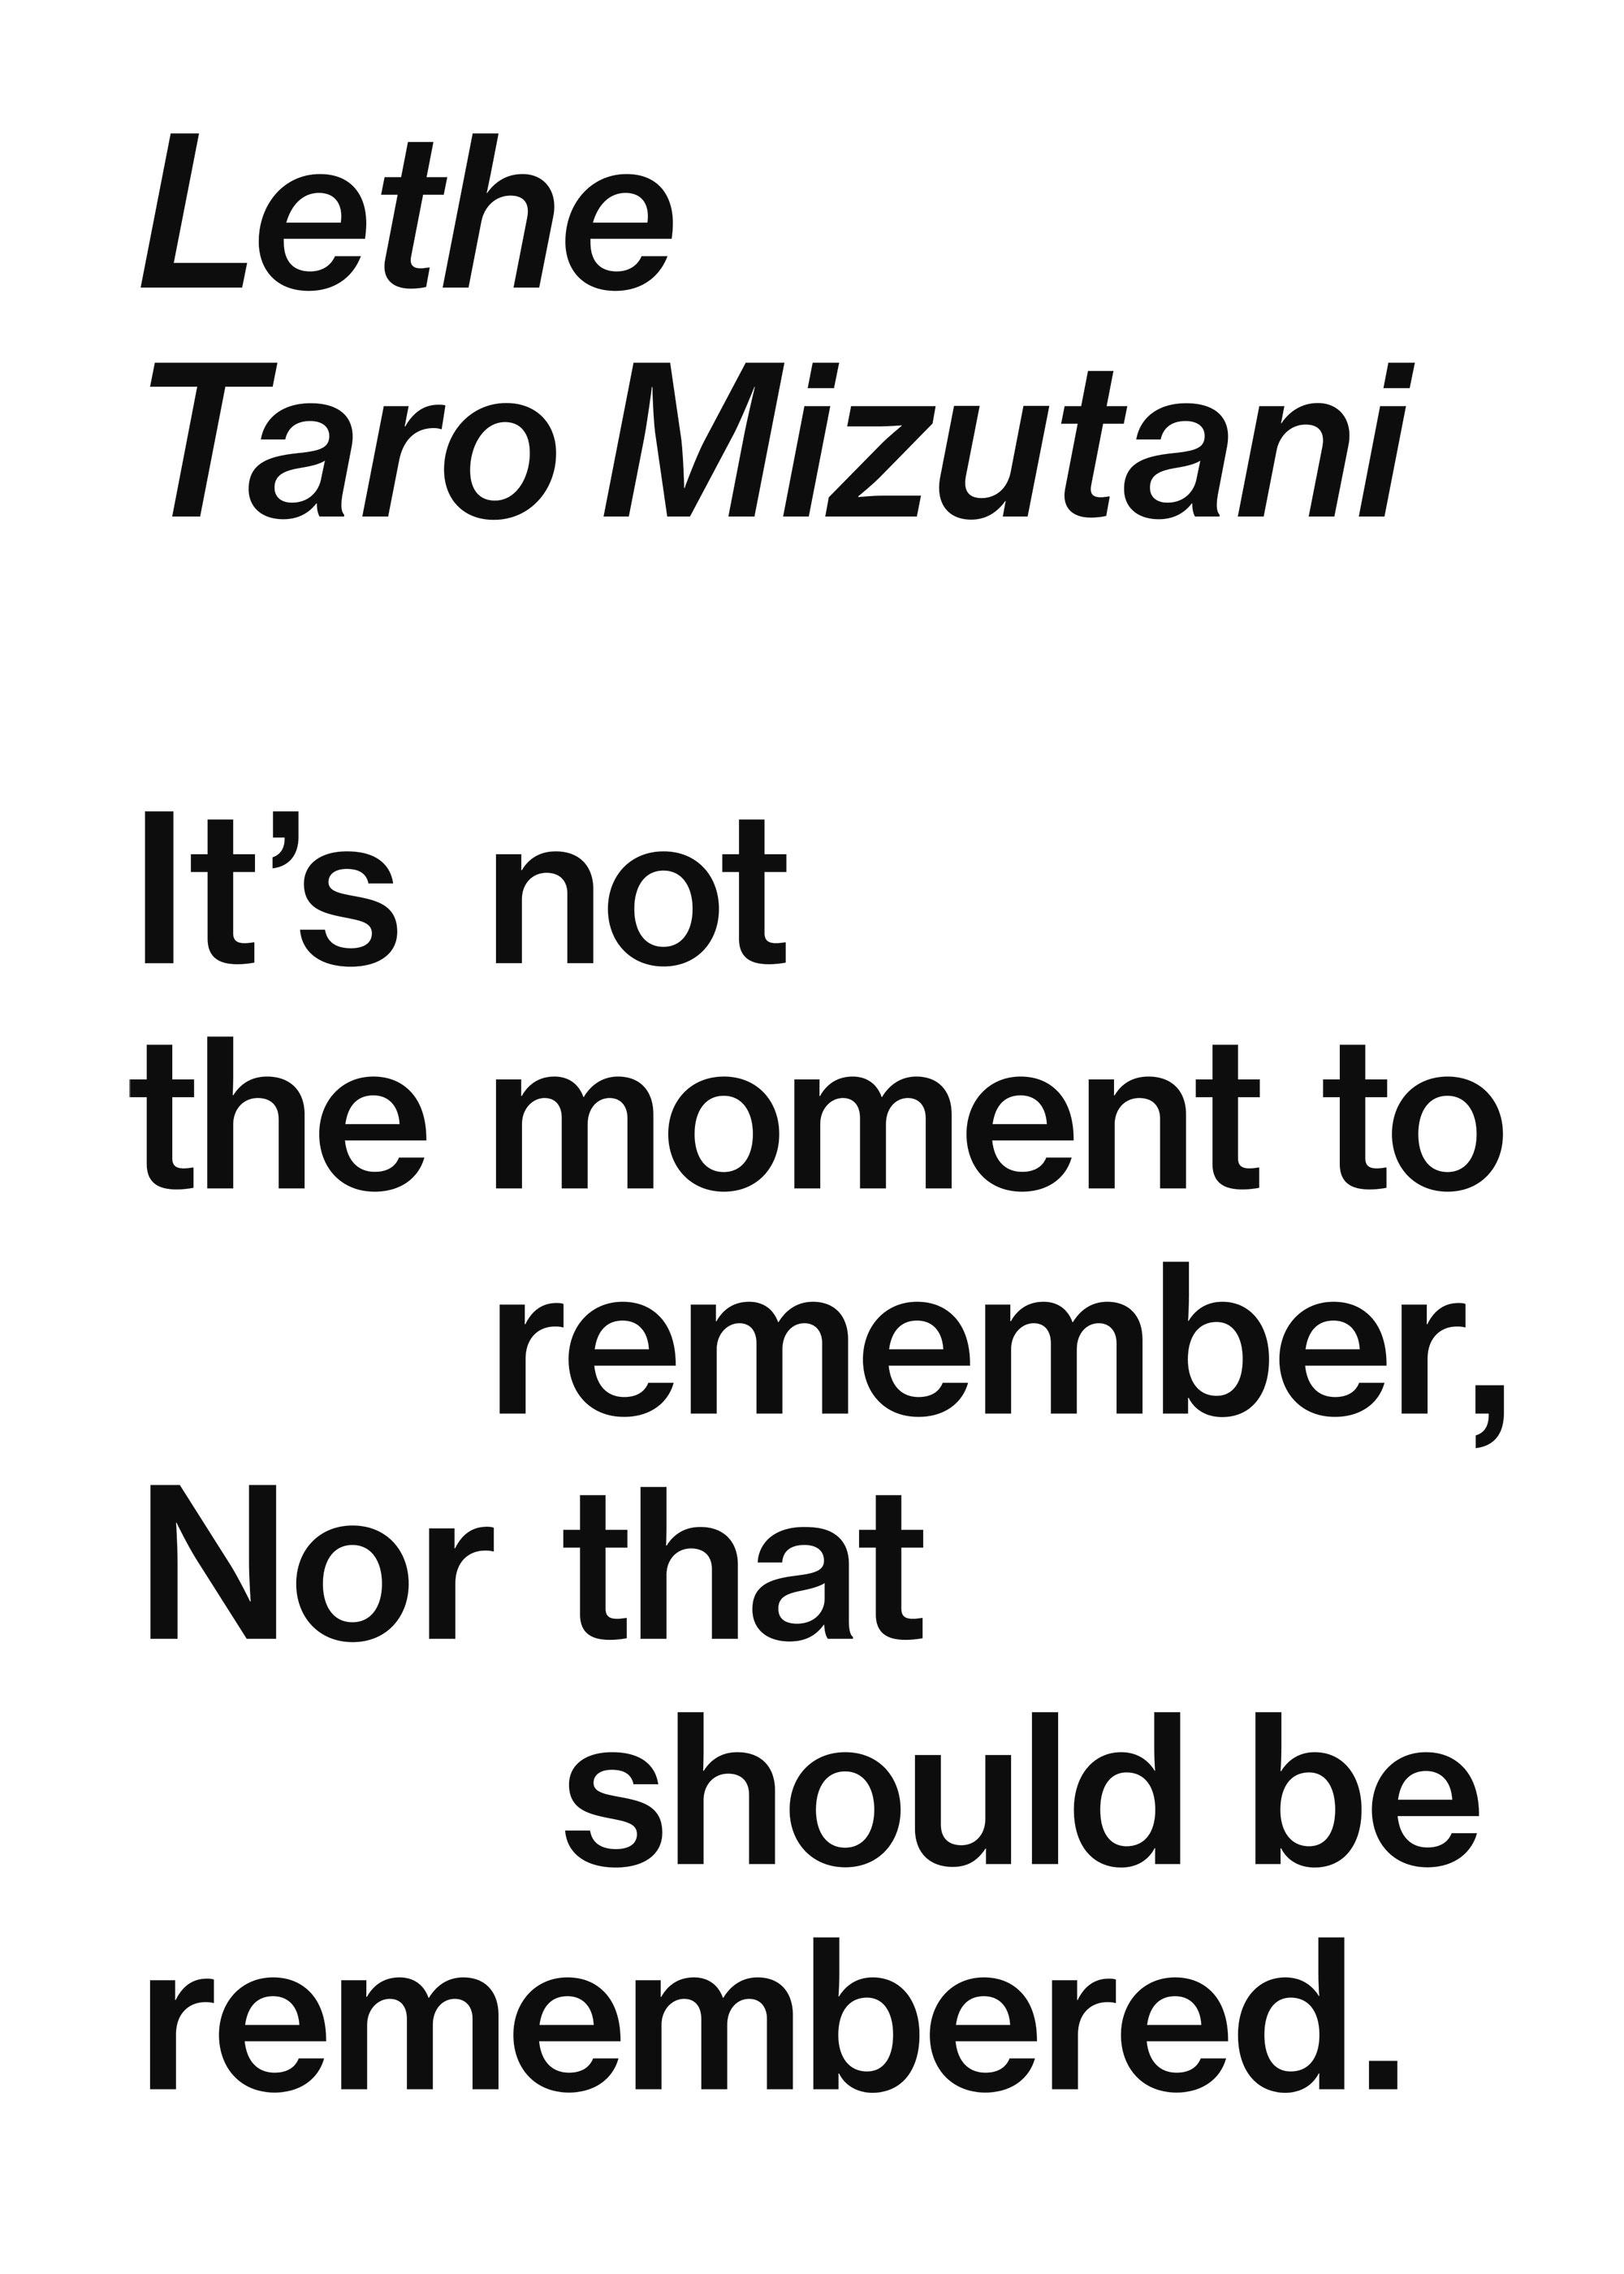 『Lethe Taro Mizutani』keys、無線綴じ128ページ(4色)+表紙+別紙、W215 × H304 mm、500部、¥4,500